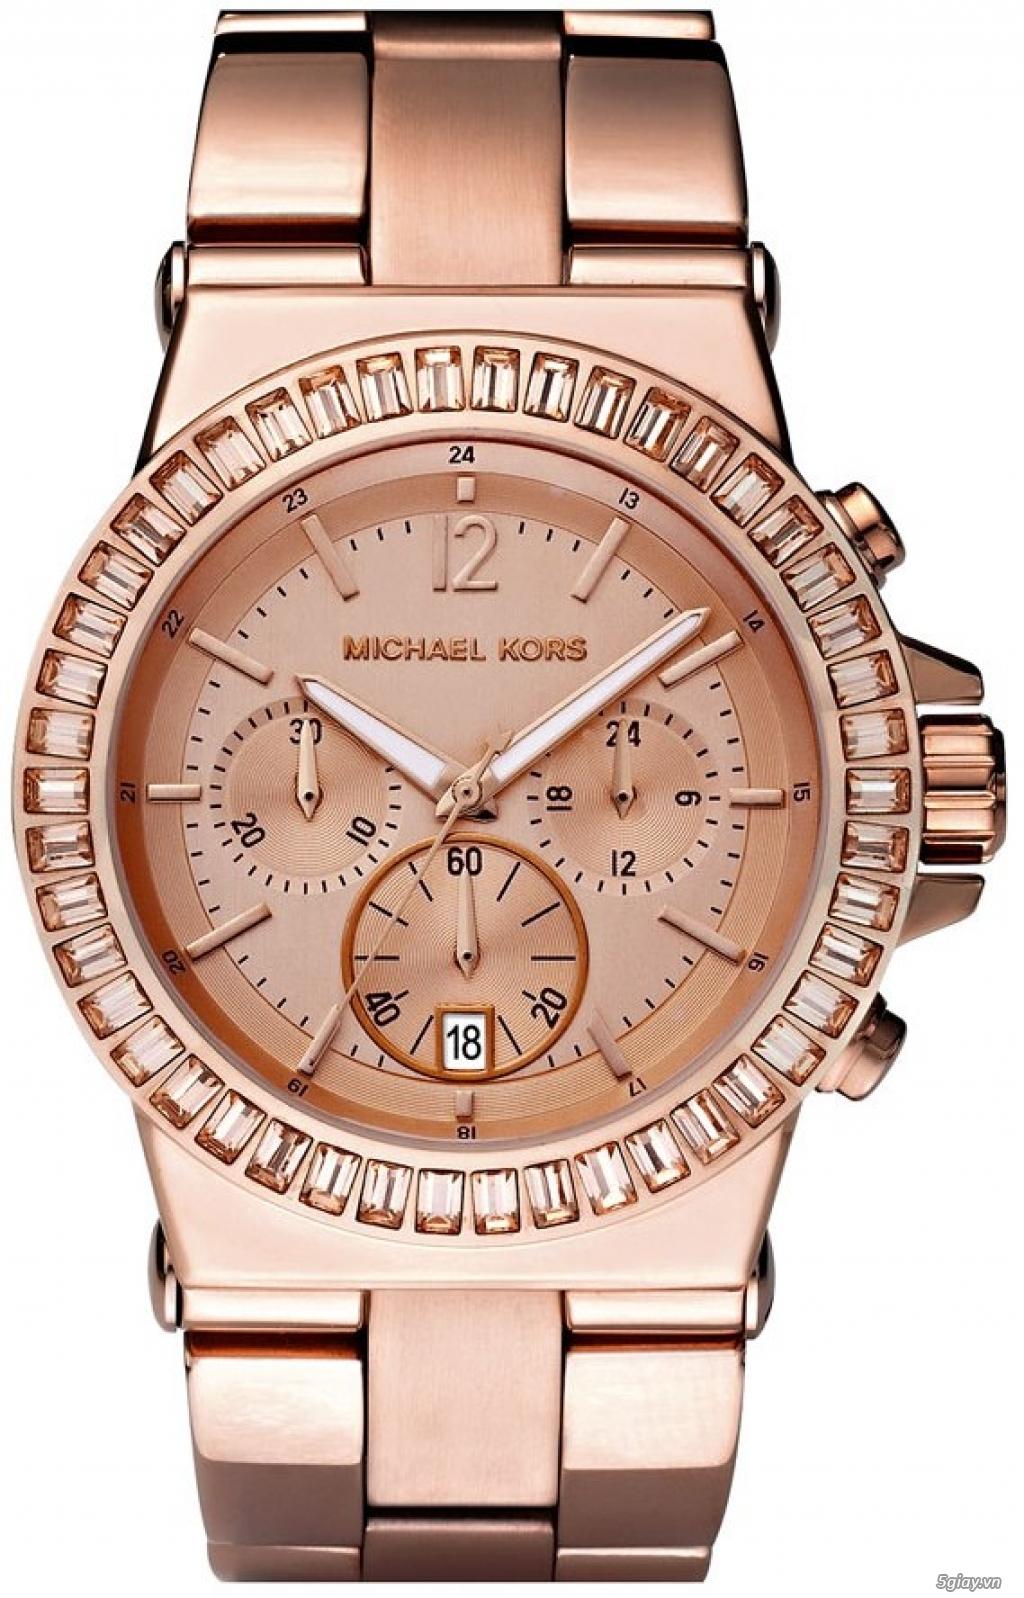 Đồng hồ chính hãng Emporio Armani, Michael Kors, Daniel Wallington,Diesl...nhận order thiêu yêu cầu - 20